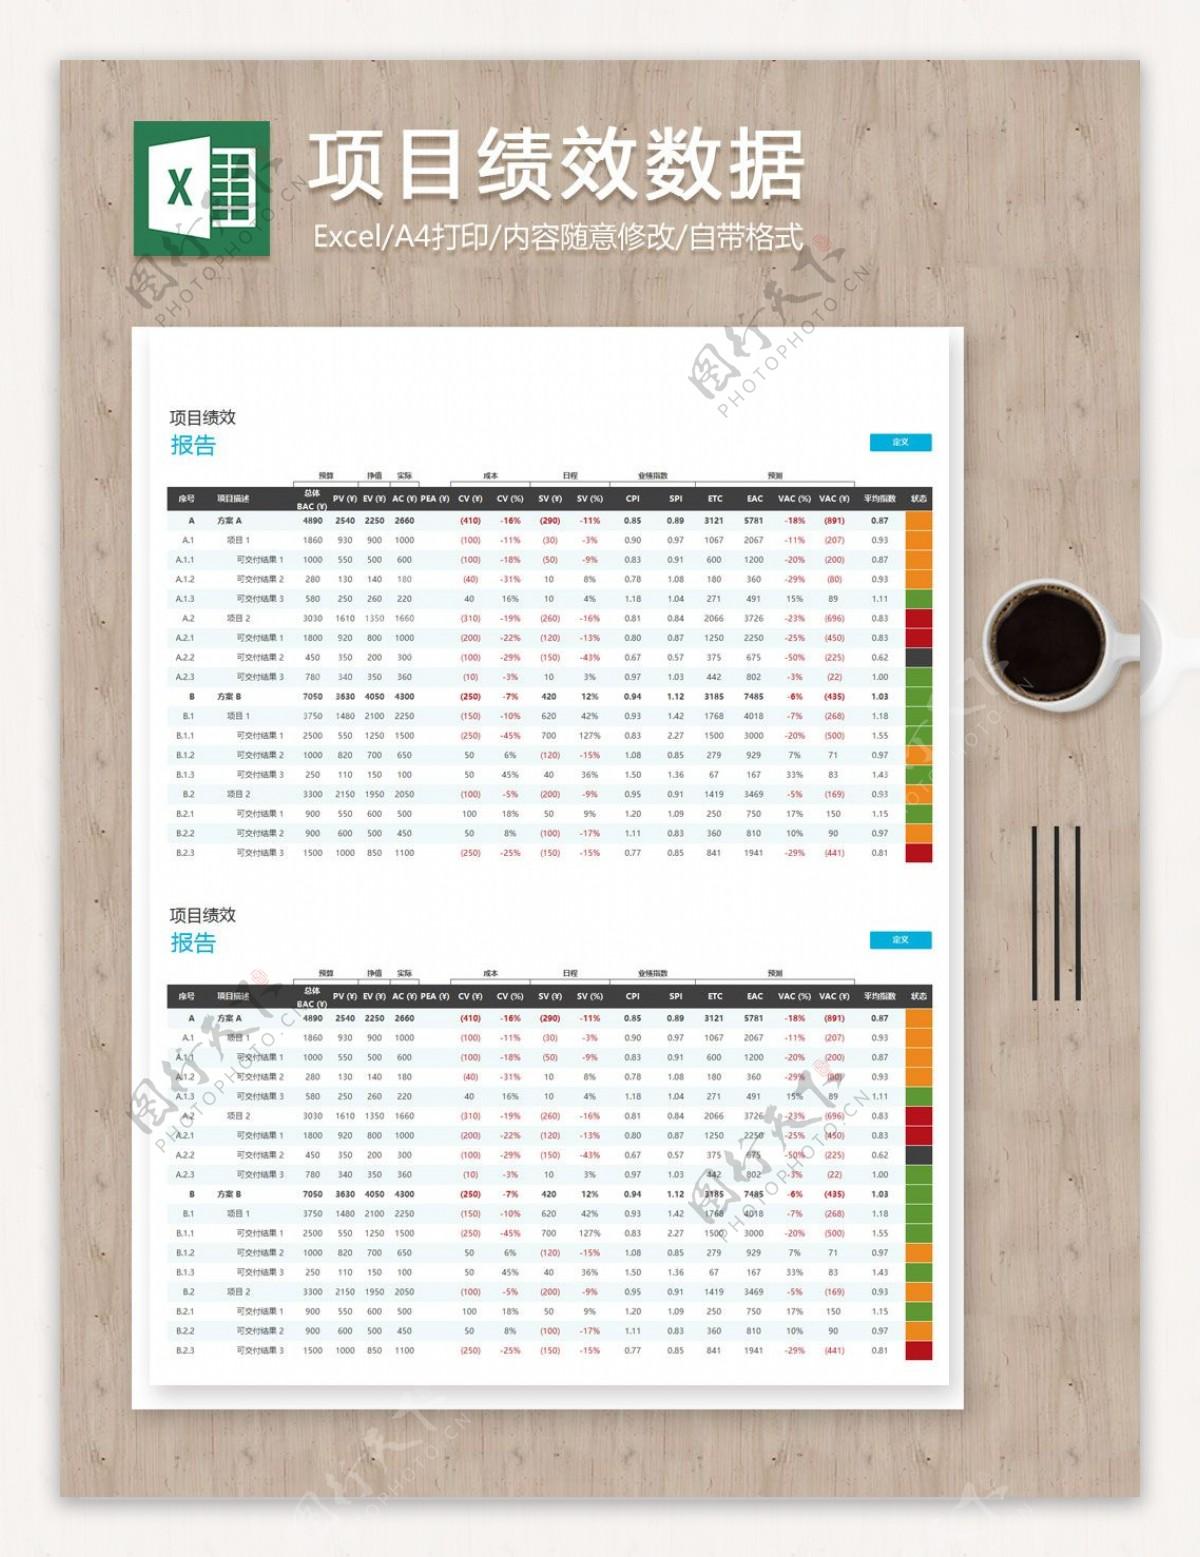 团队项目绩效数据记录明细excel表